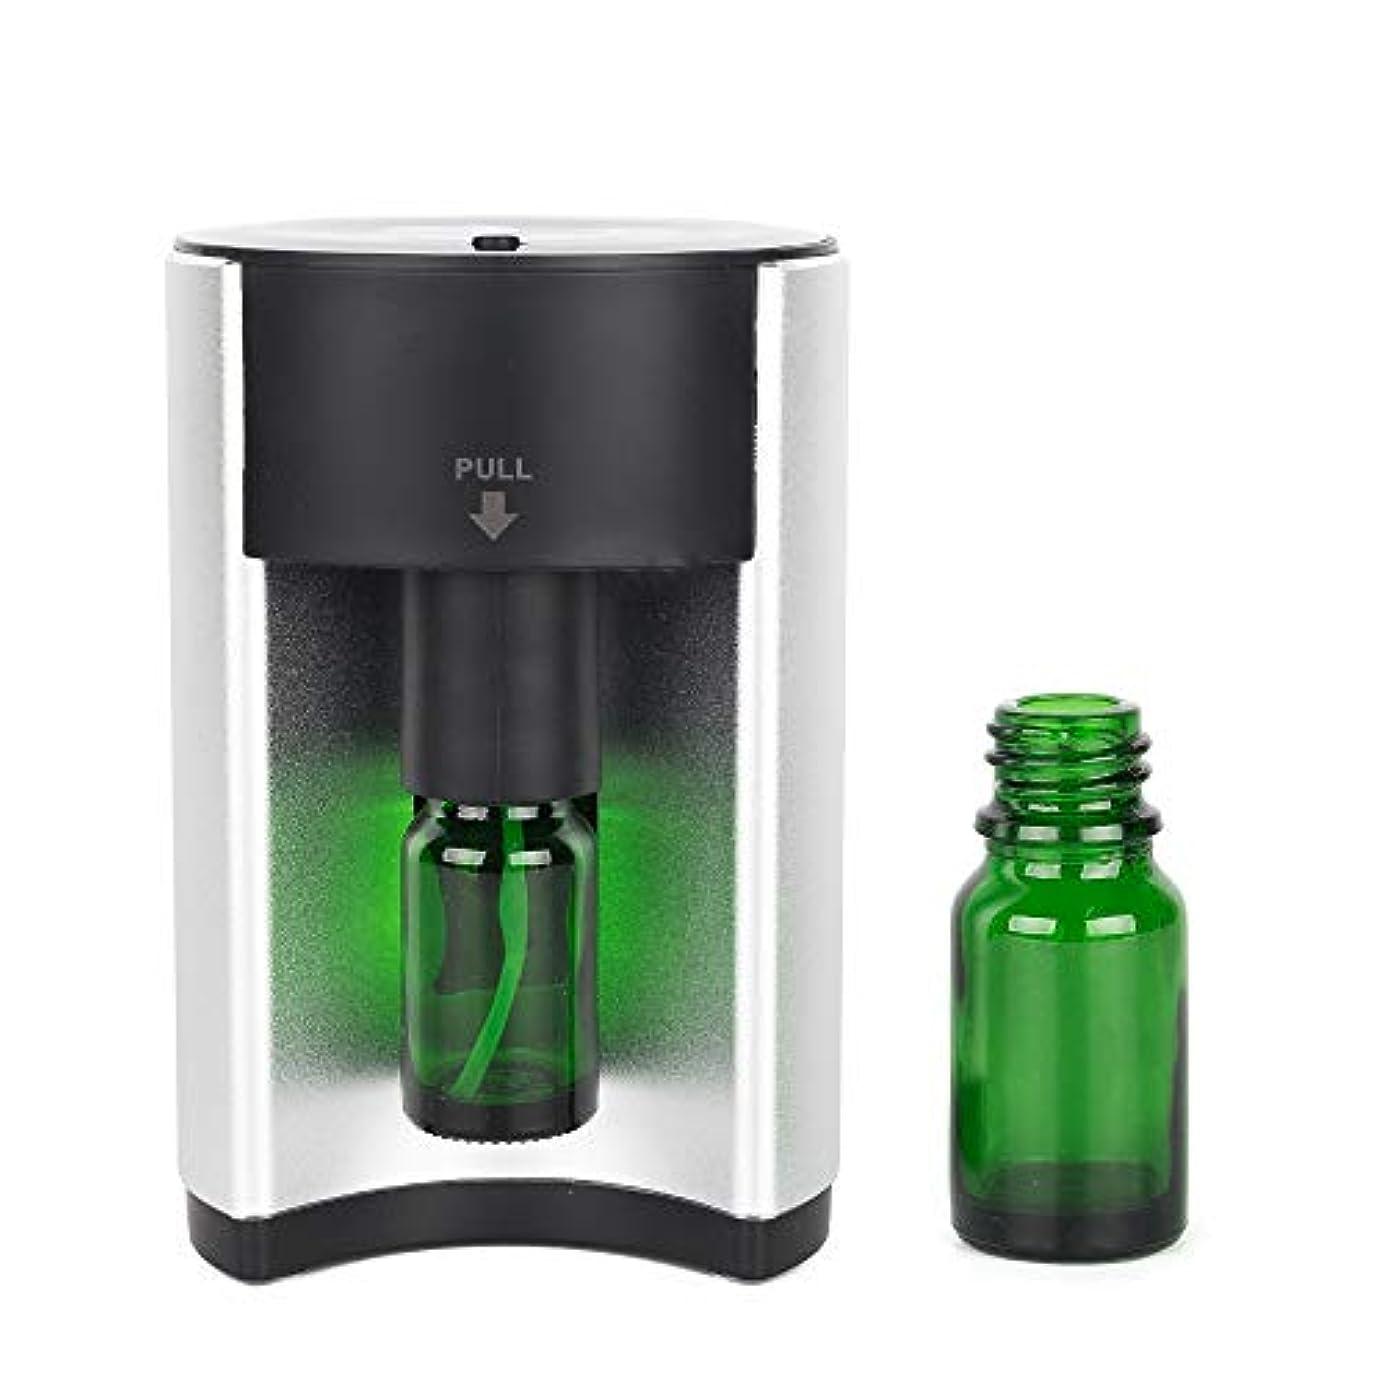 踏み台濃度振り向くアロマディフューザー アロマ 芳香器 (GT-SH-S1)アロマオイル ネブライザー式 アロマポット usb コンセント 小型 香り おしゃれ 可愛い シンプル 軽量 卓上 シンプル スマート 水を使わない オイル別売り